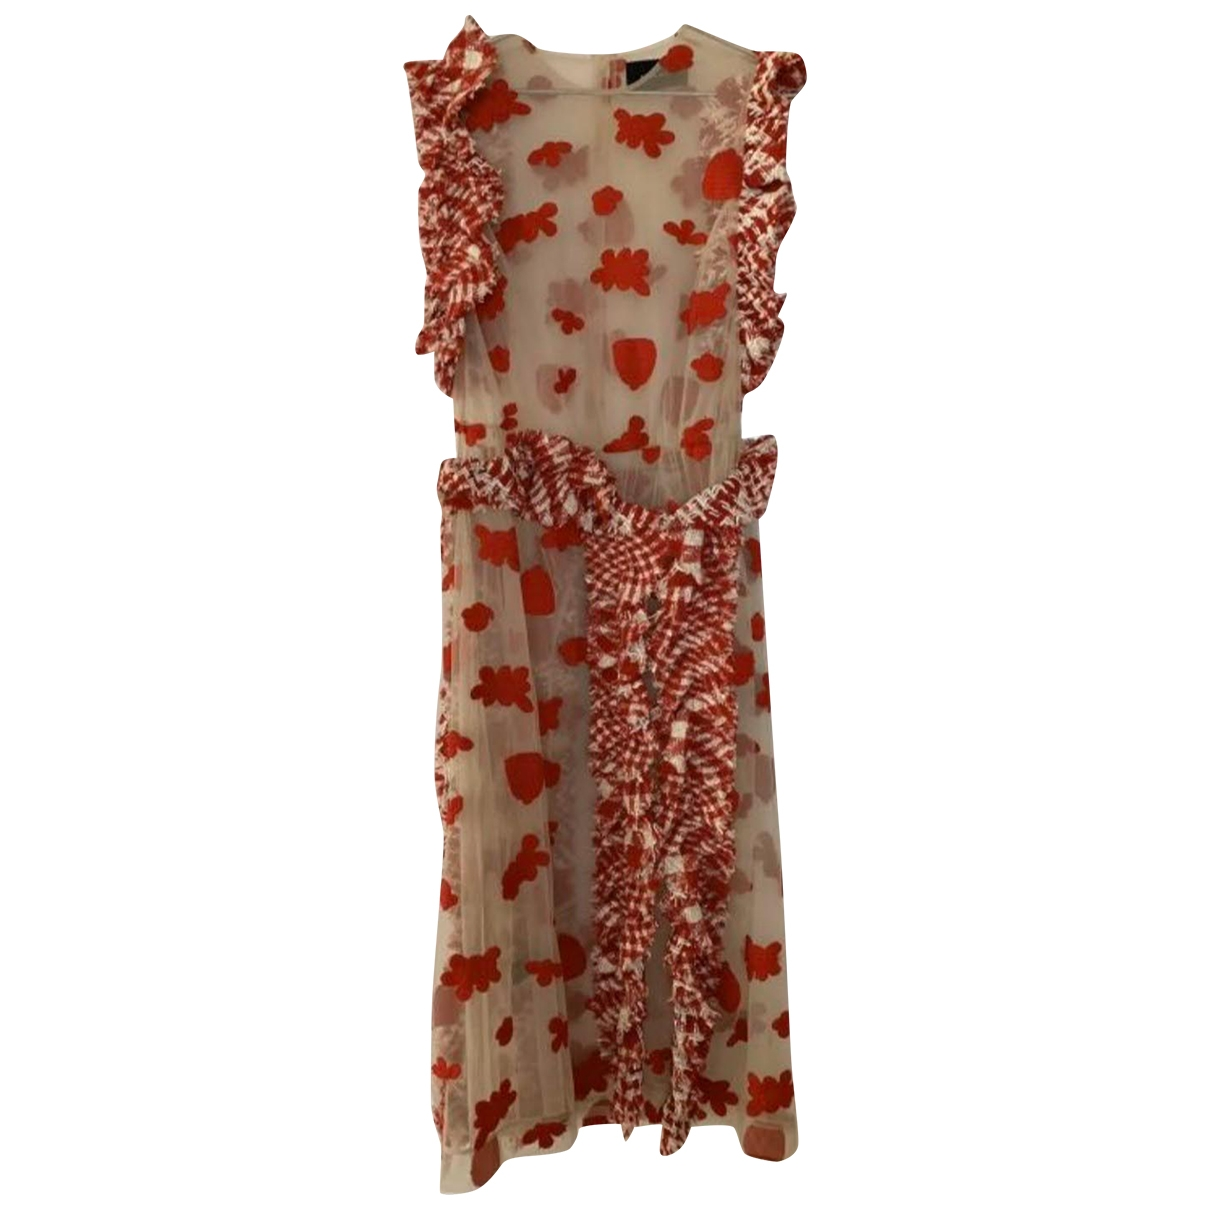 Simone Rocha \N Red dress for Women 4 UK